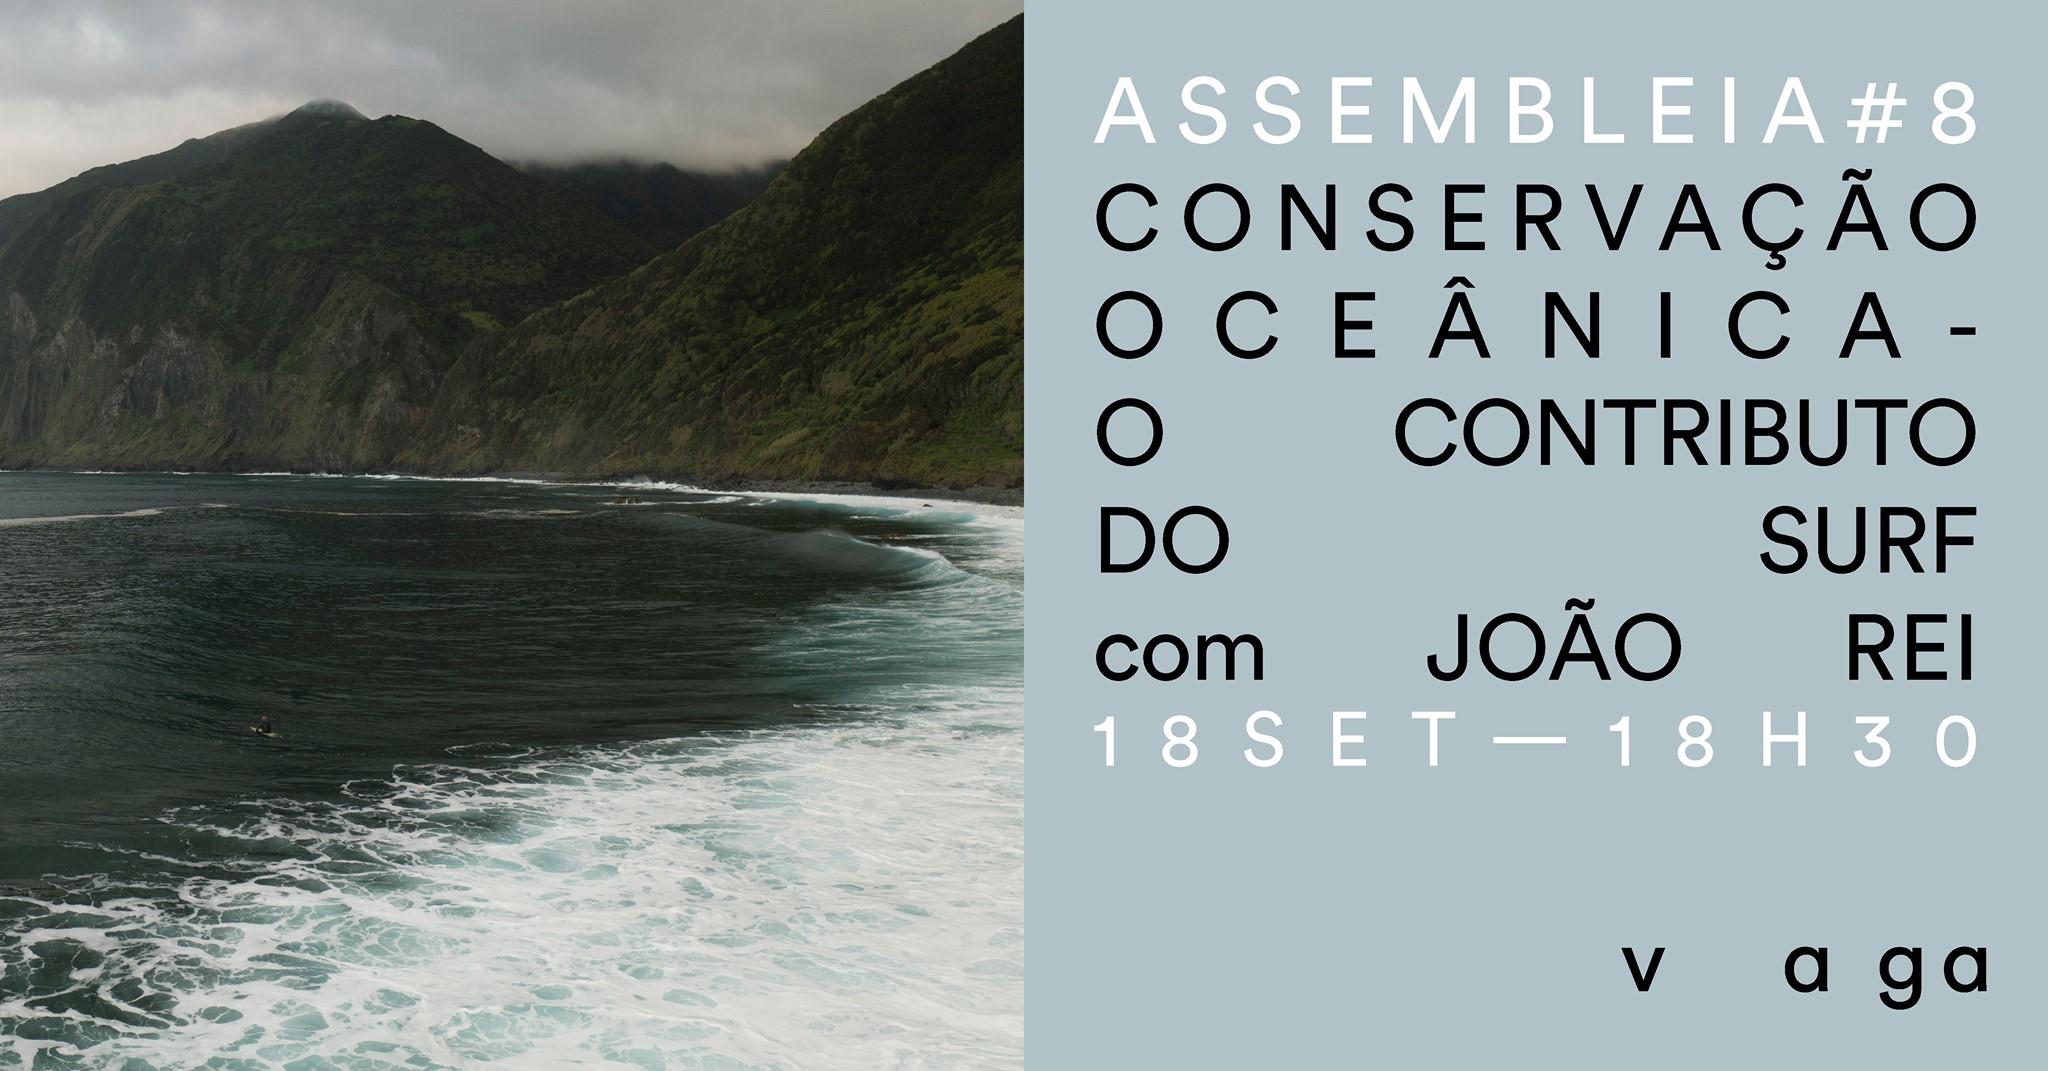 """Assembleia #8 - """"Conservação Oceânica - O Contributo do Surf"""" com João Rei"""